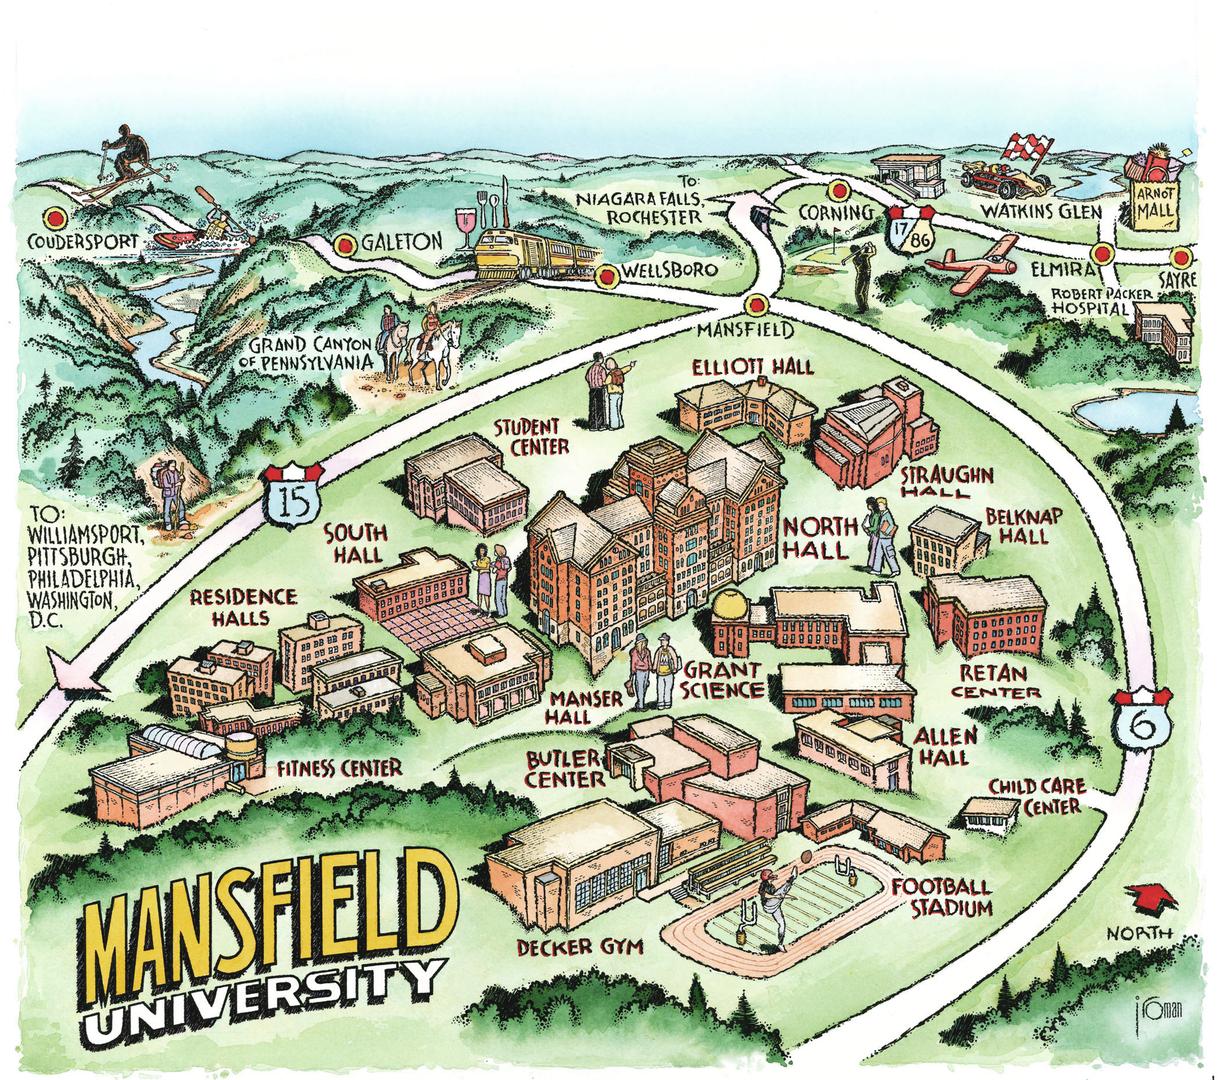 Oc Campus Map.Campus Maps